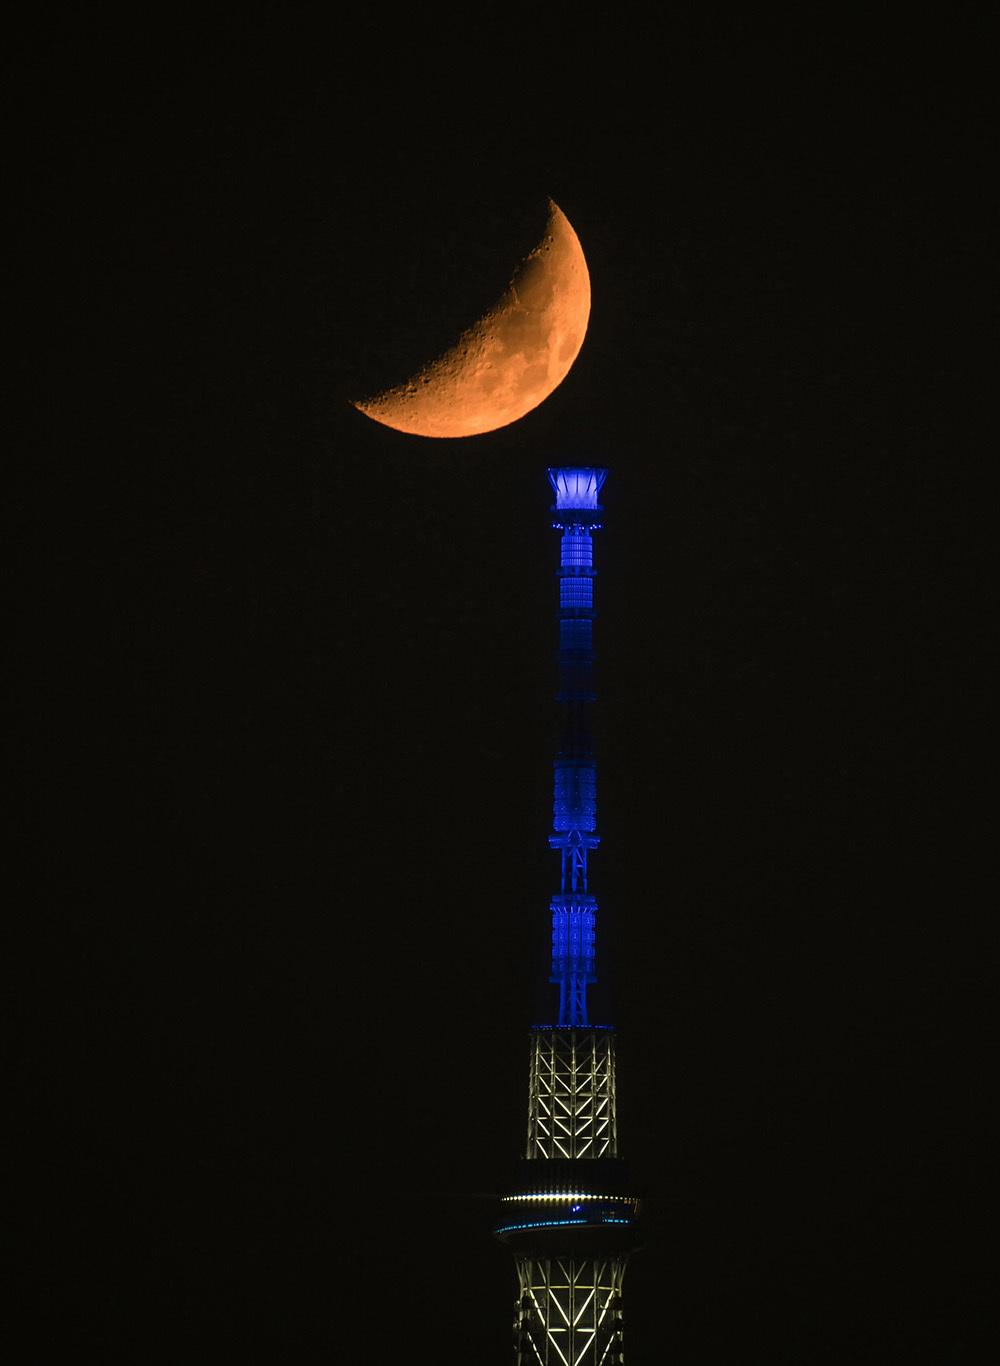 月齢6の月とスカイツリー_f0324026_01563483.jpg